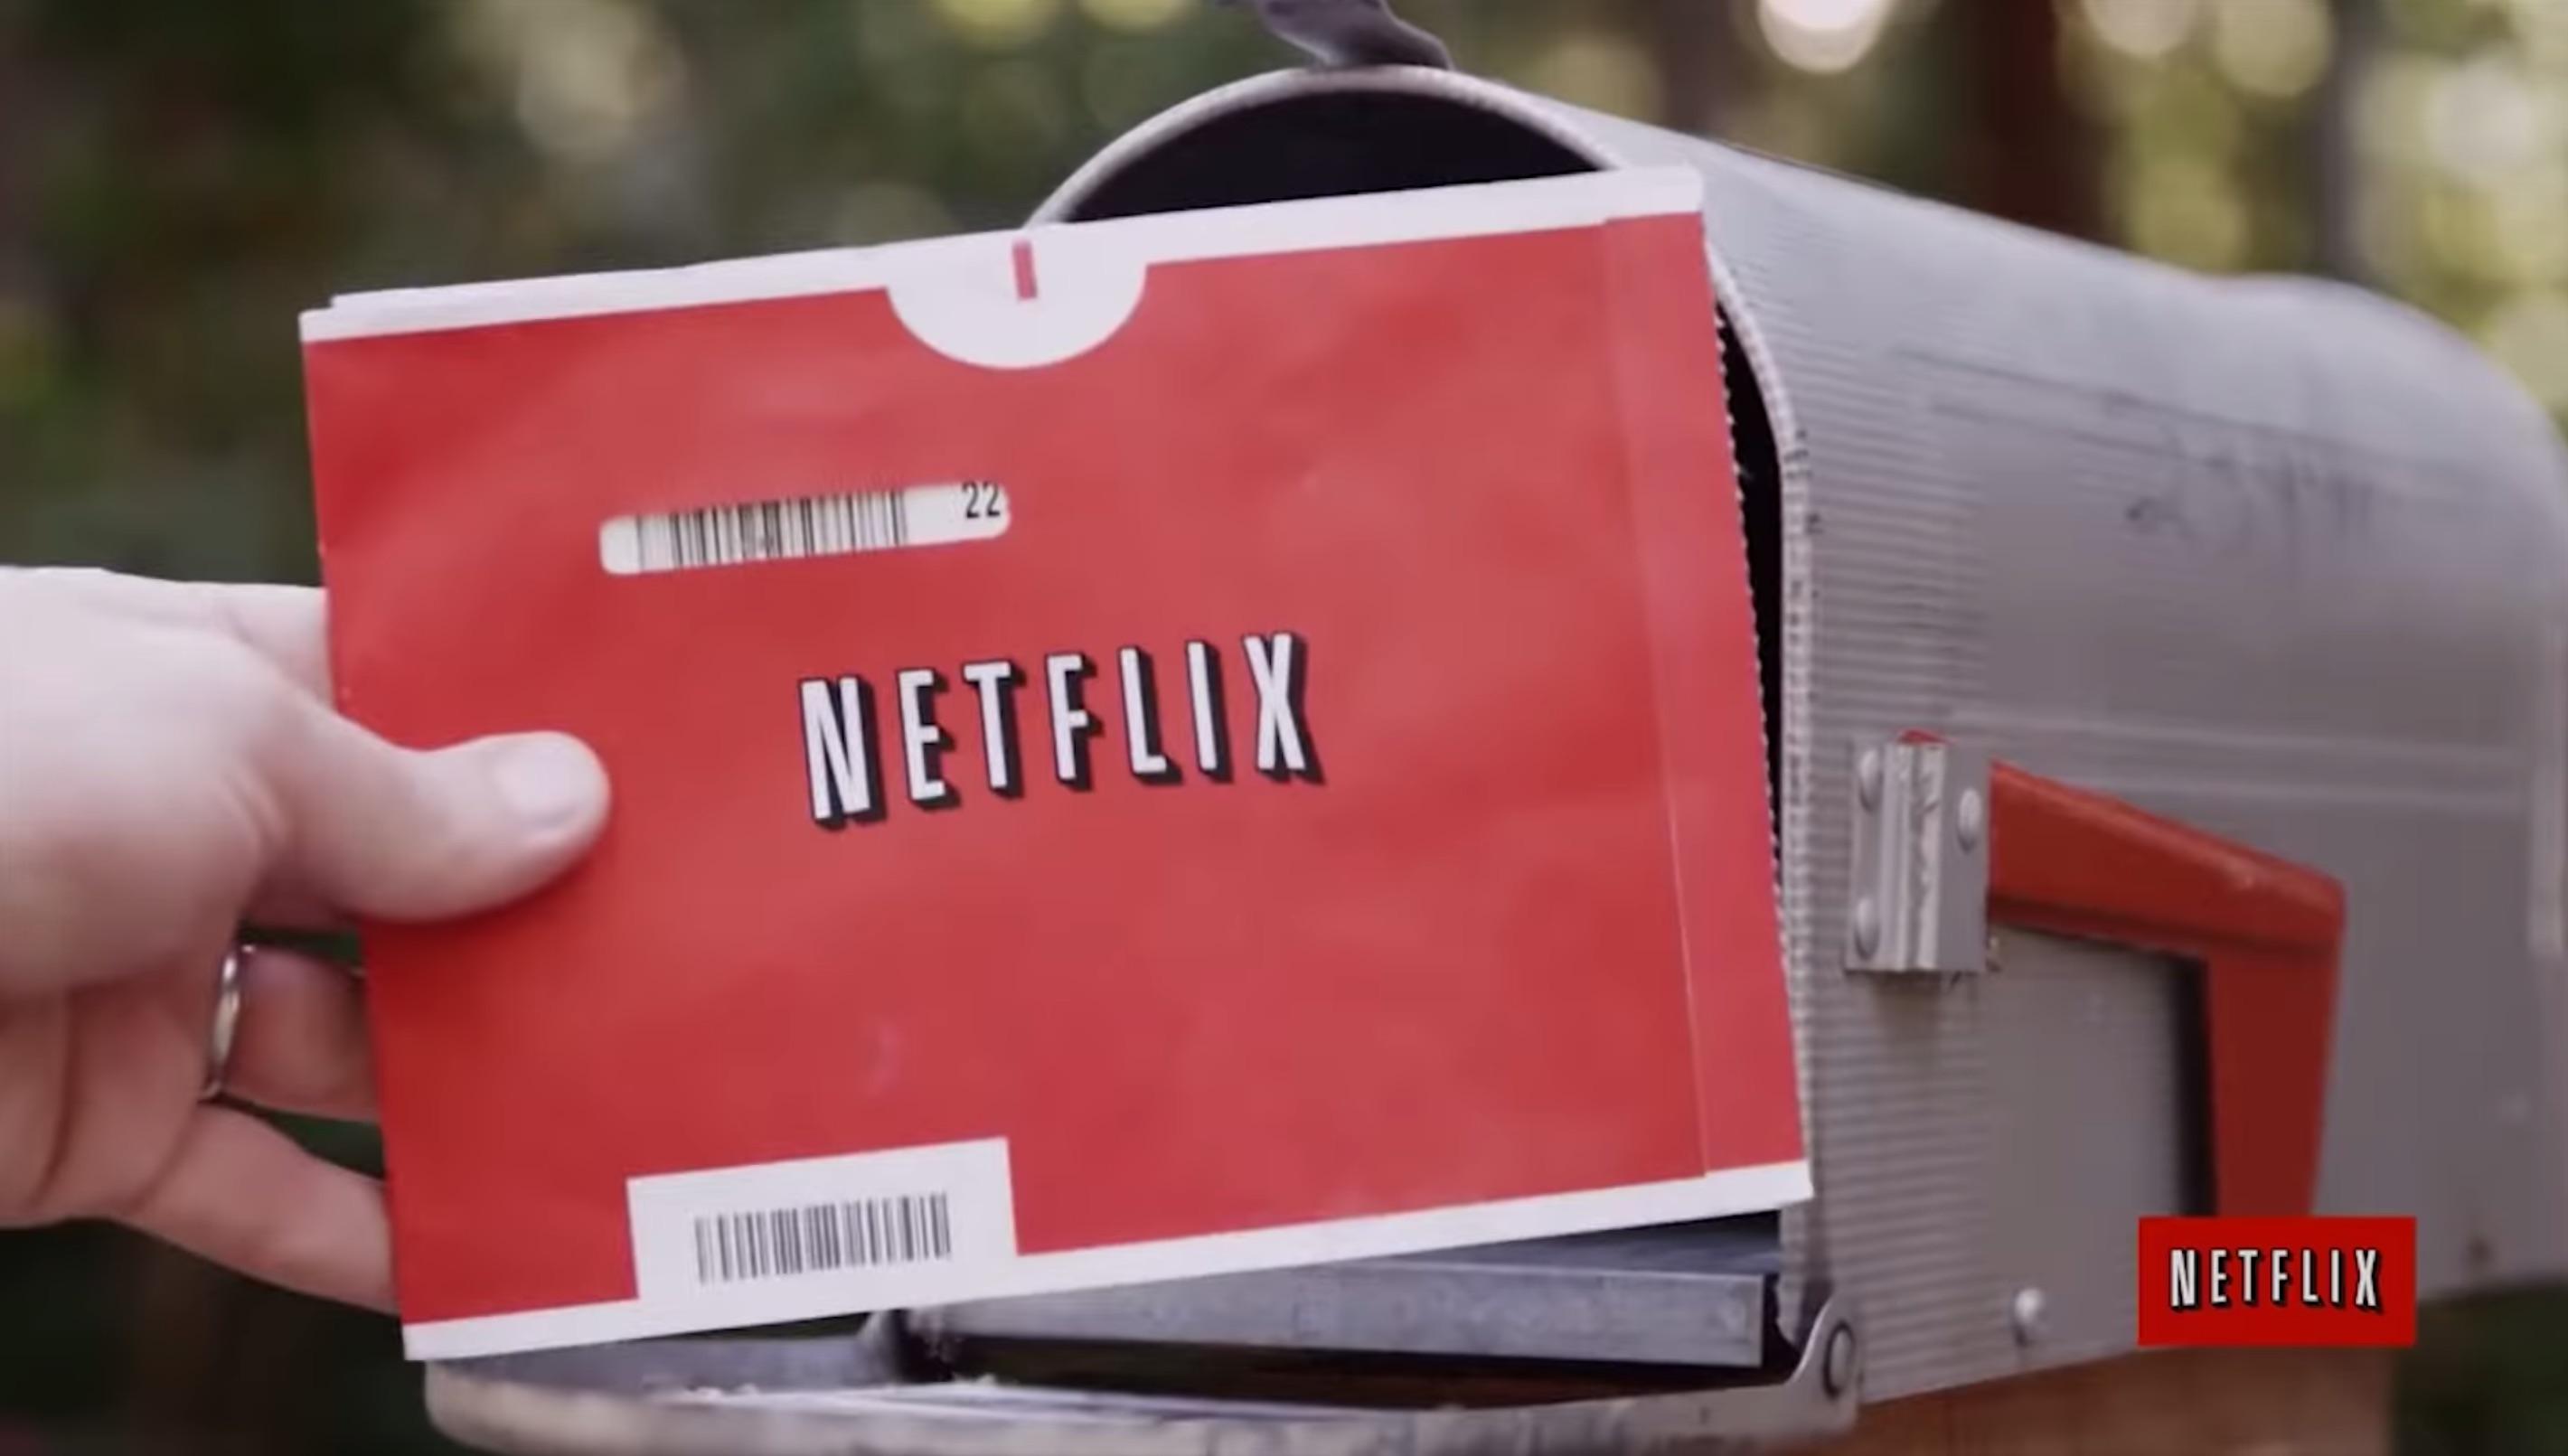 Netflix Mail